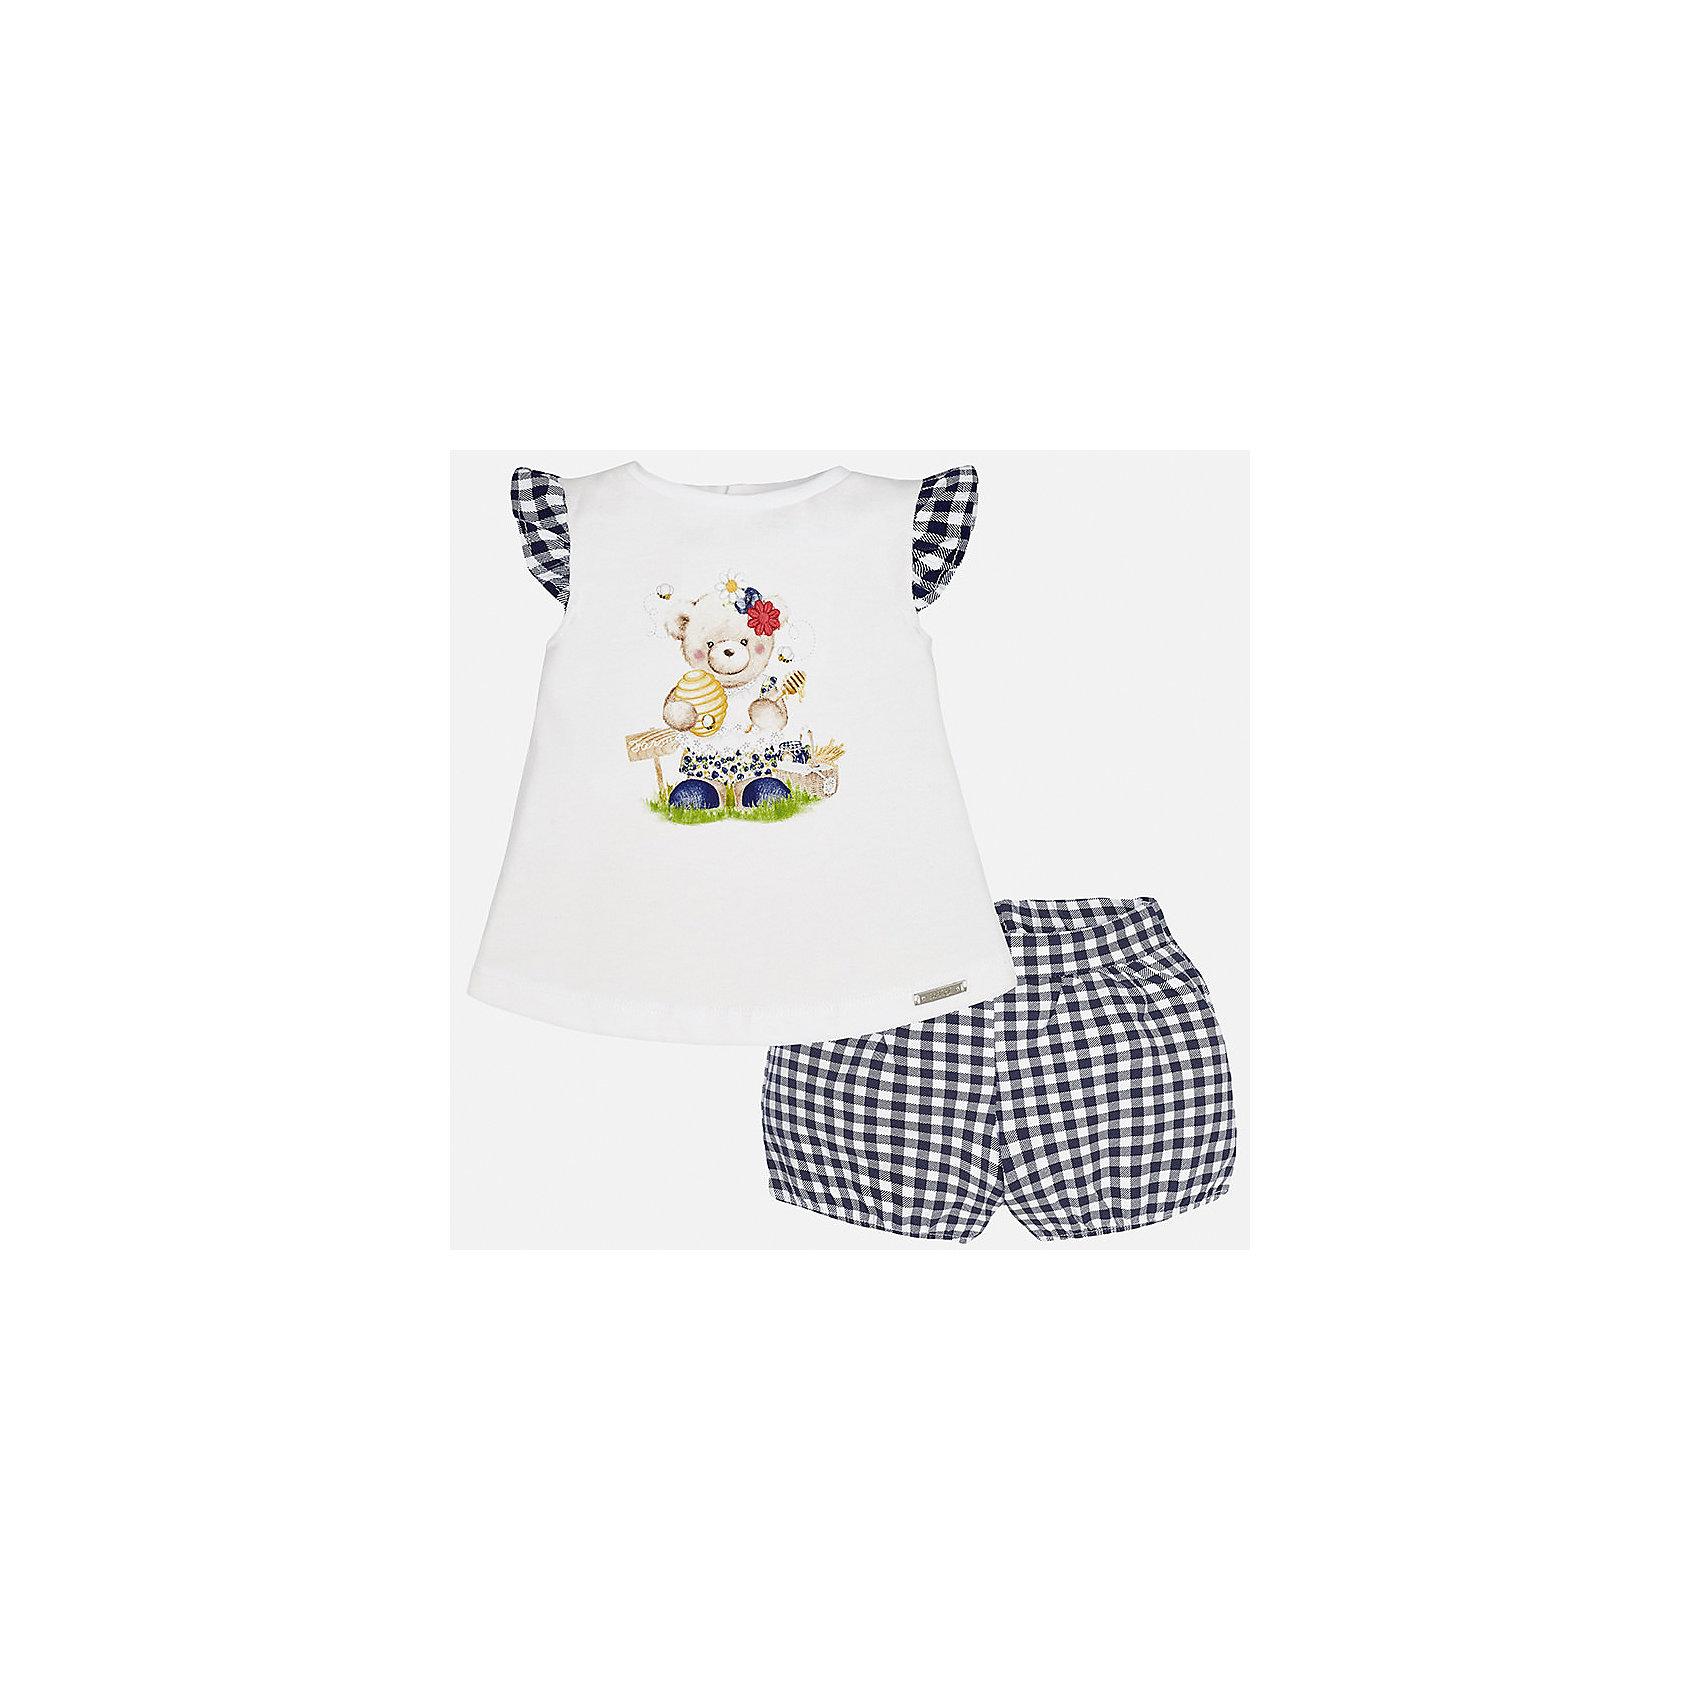 Комплект: футболка с длинным рукавом и шорты для девочки MayoralКомплекты<br>Комплект: футболка с длинным рукавом и шорты для девочки от известной испанской марки Mayoral.<br><br>Ширина мм: 191<br>Глубина мм: 10<br>Высота мм: 175<br>Вес г: 273<br>Цвет: синий<br>Возраст от месяцев: 12<br>Возраст до месяцев: 18<br>Пол: Женский<br>Возраст: Детский<br>Размер: 86,92,74,80<br>SKU: 5288901